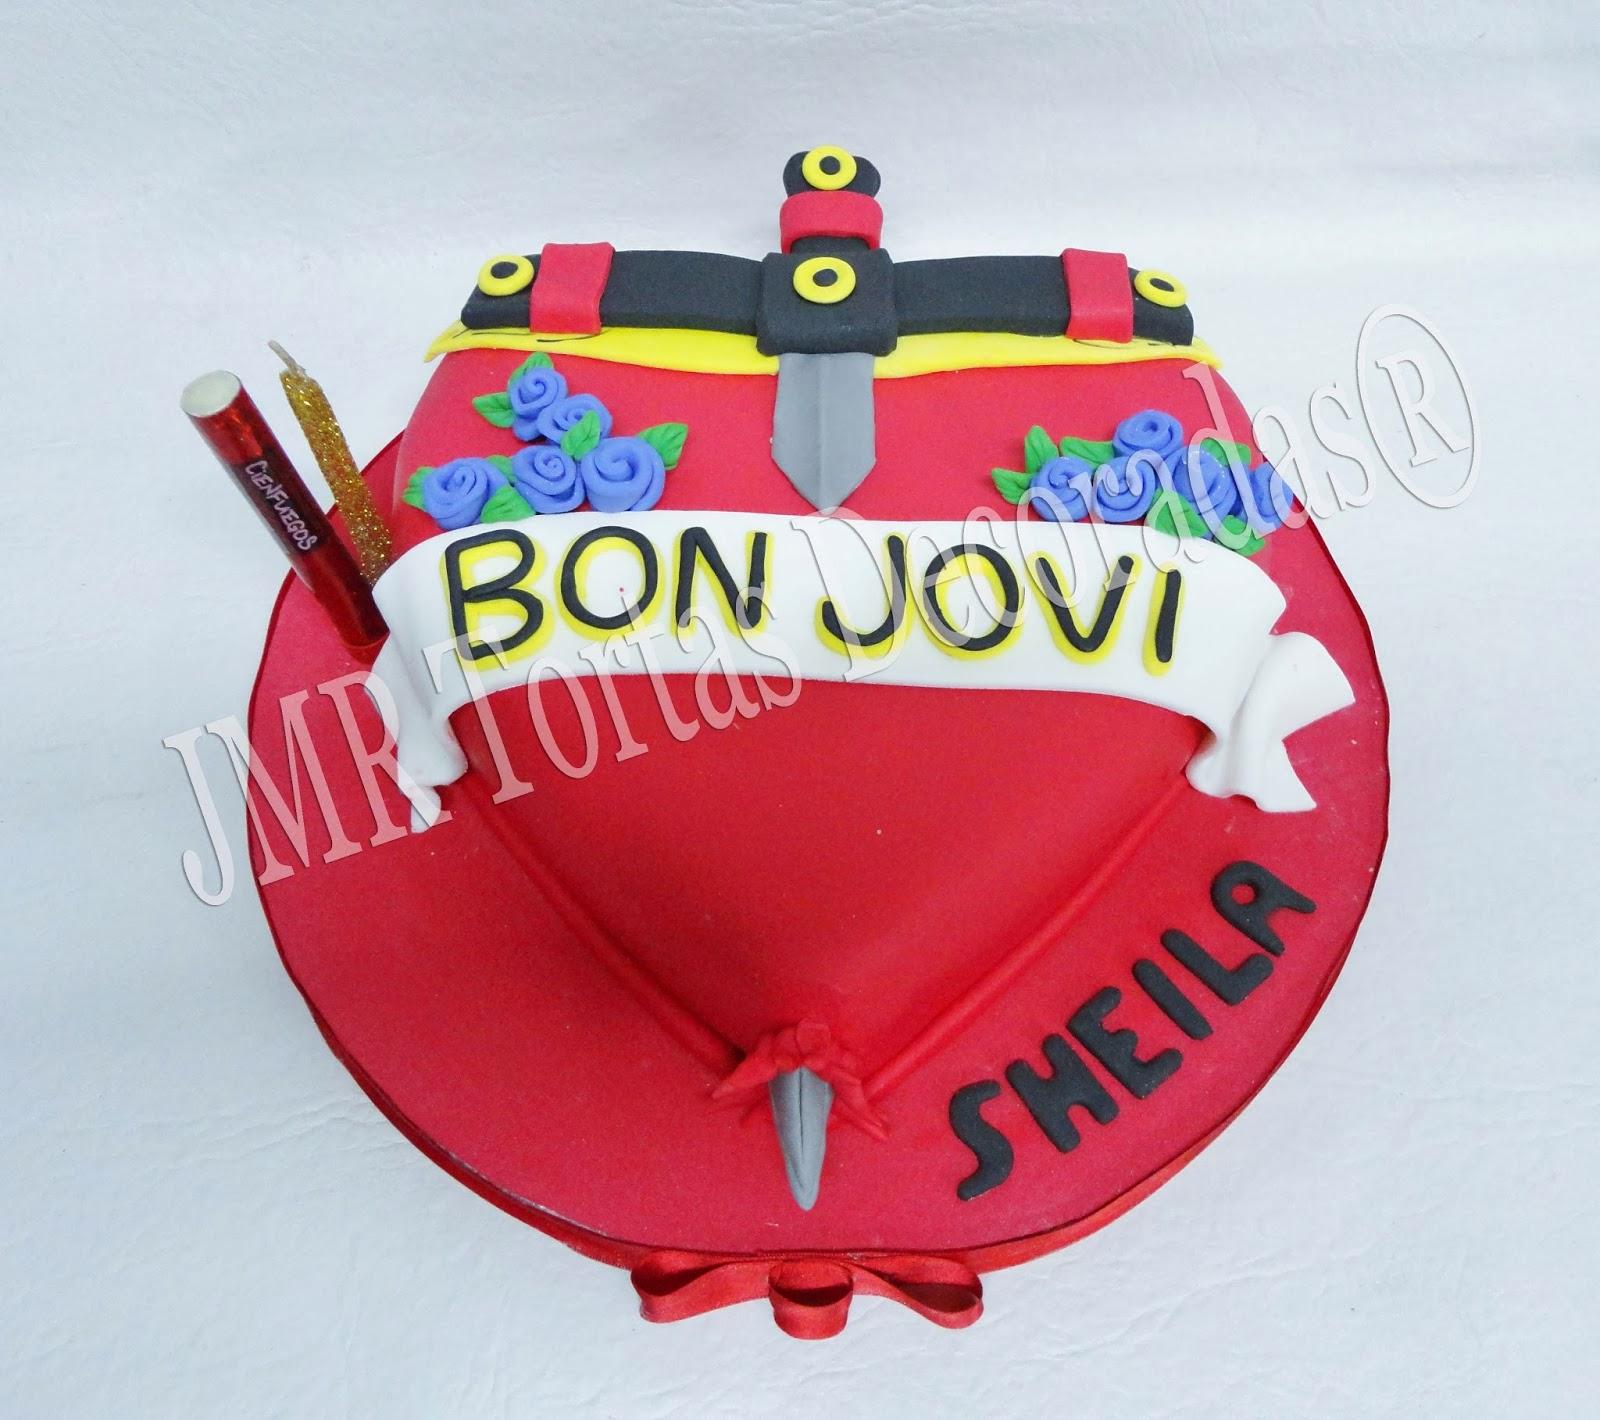 Bon Jovi | JMR Tortas Decoradas